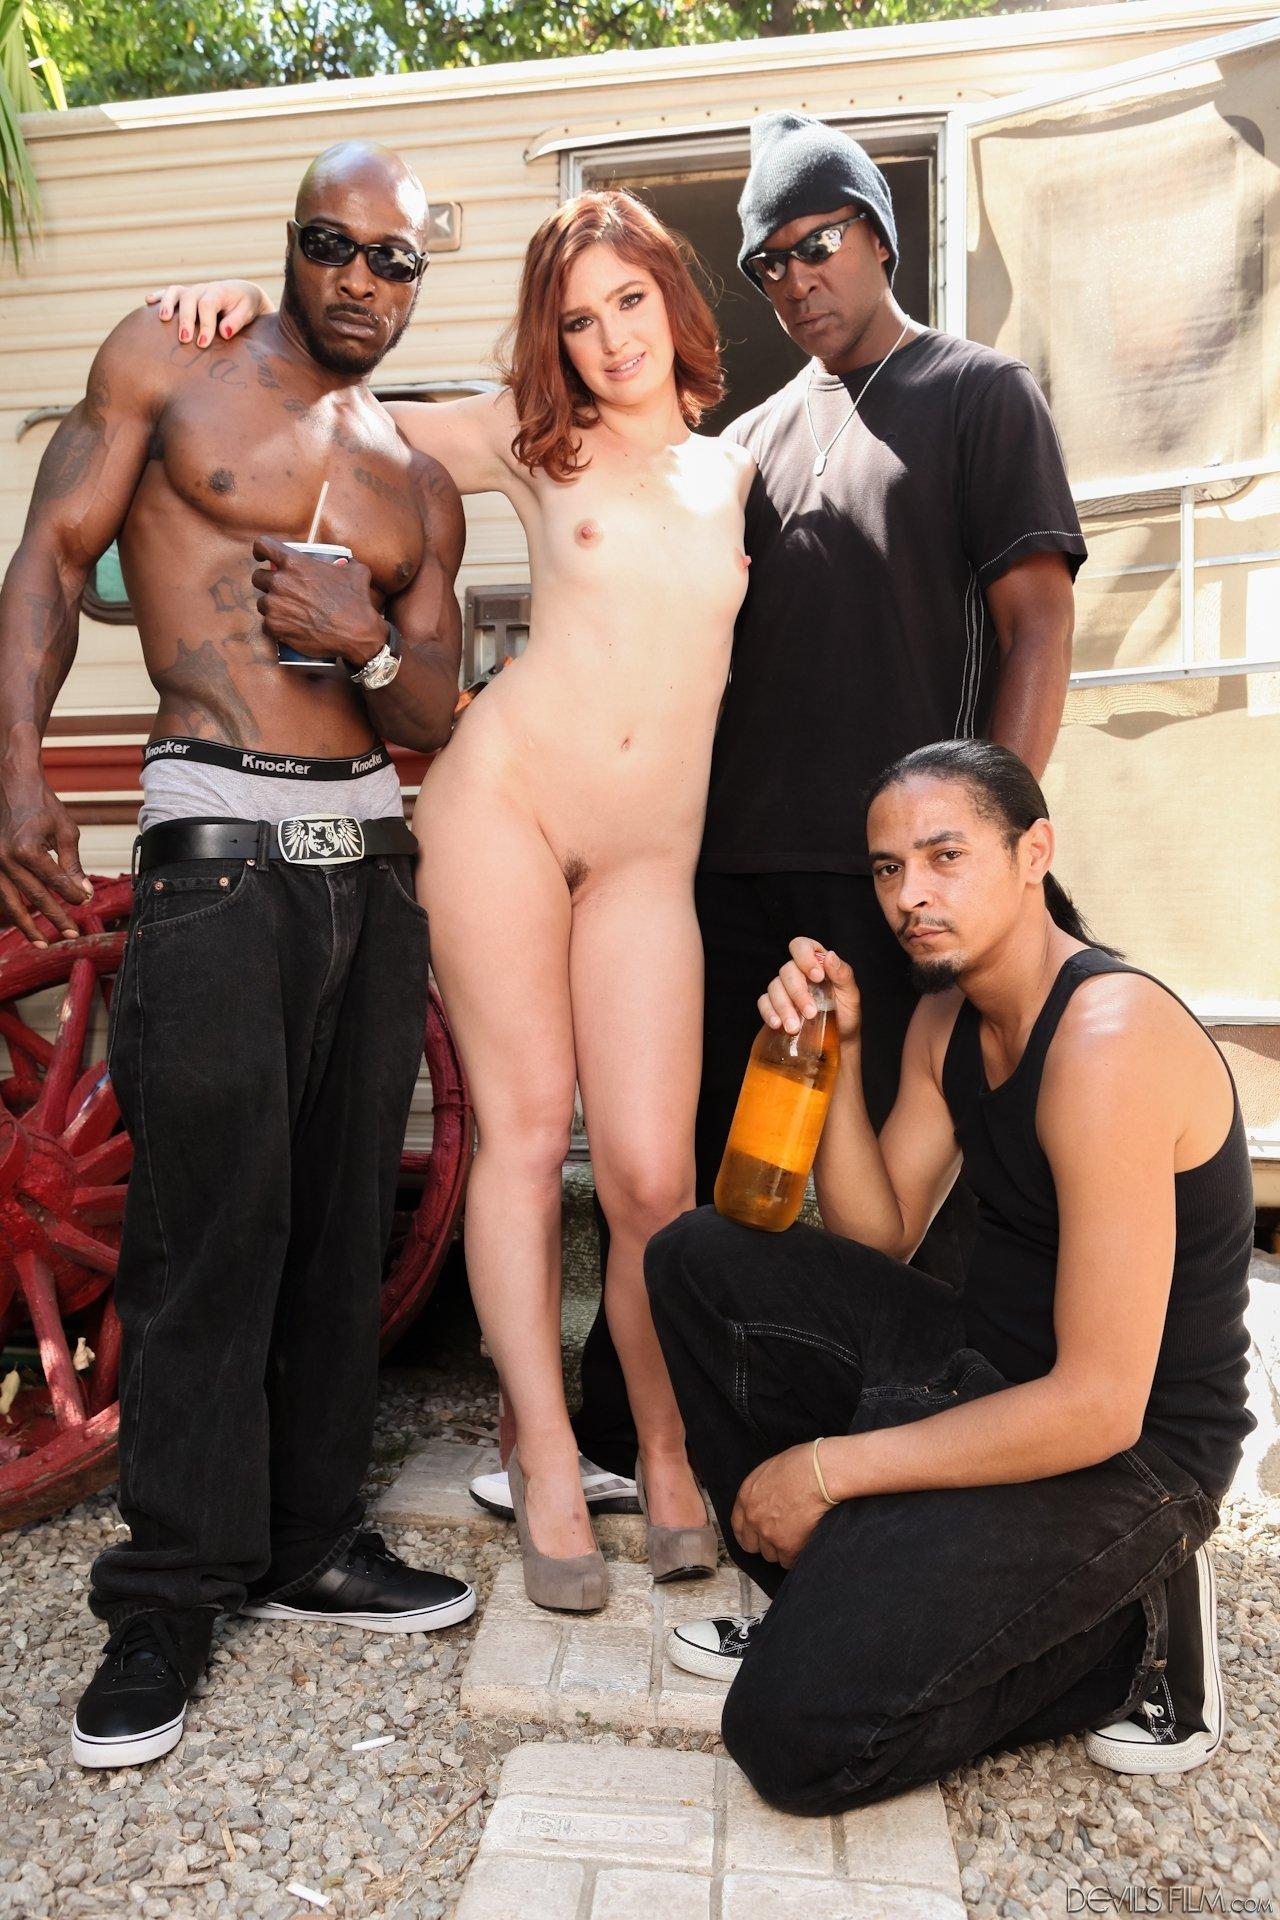 Рыжеволосая стройняшка фотографируется с тремя темнокожими мужчинами и можно только догадаться об их желаниях